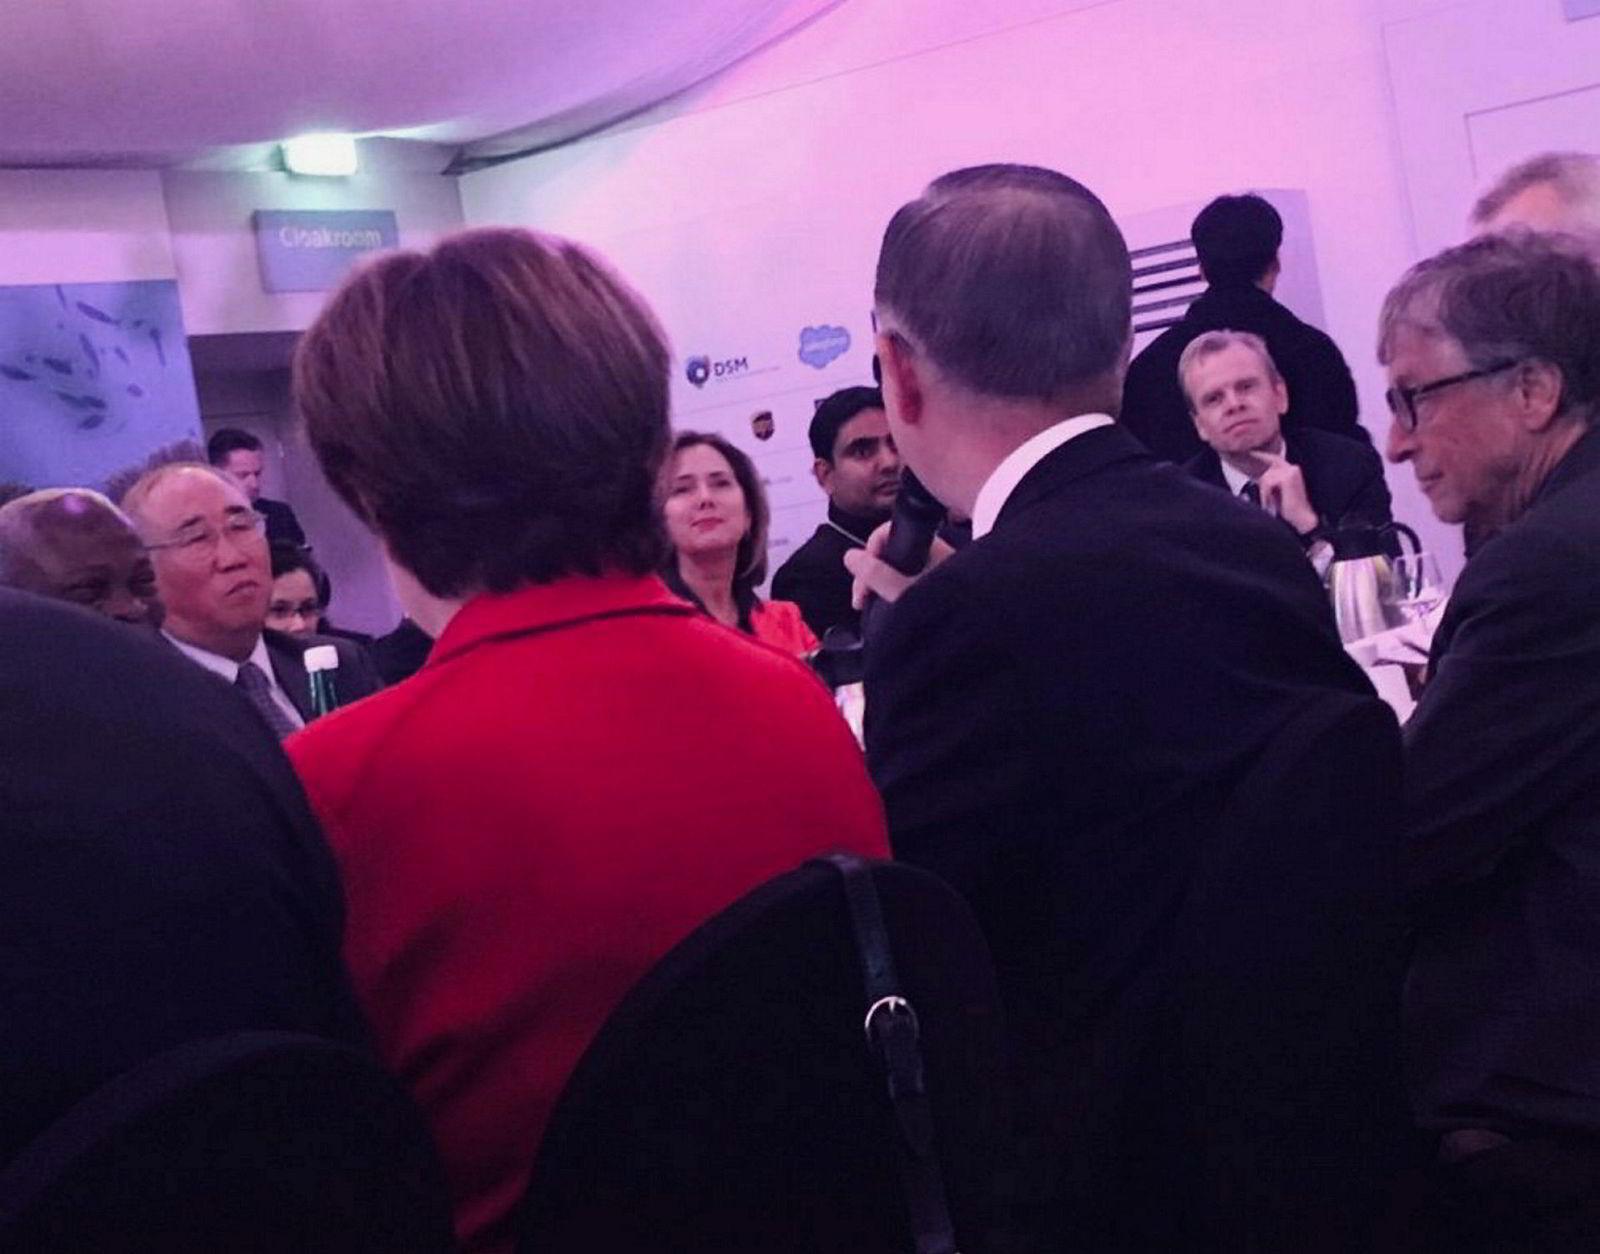 Davos. Middagene i Davos omfatter varierte gjester. Fra høyre filantrop Bill Gates, Yara-sjef Svein Tore Holsether, tidligere FN-generalsekretær Ban Ki-moon, verdensbanksjef Kristalina Georgieva og Kinas klimasjef Xie Zhenhua.